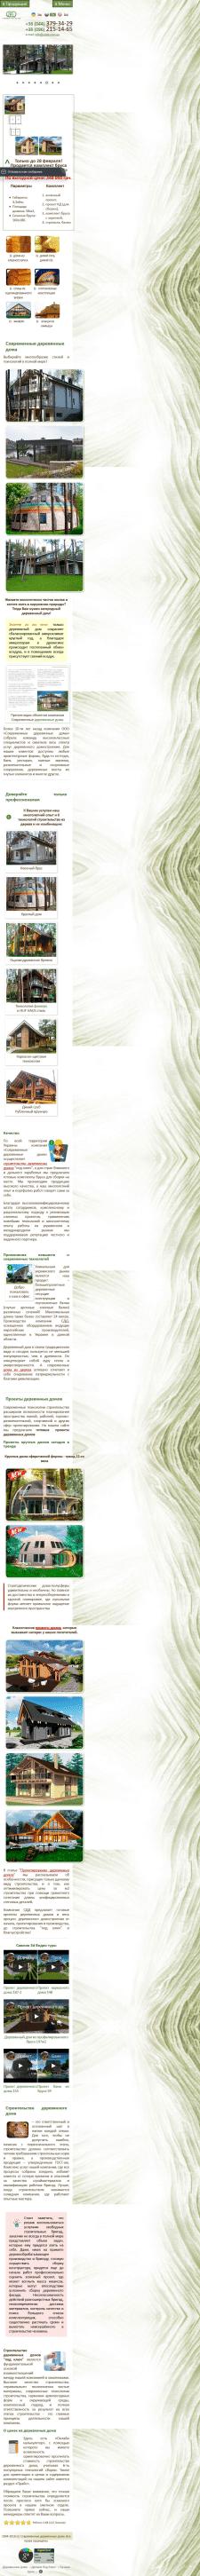 Адаптация сайта деревянных домов